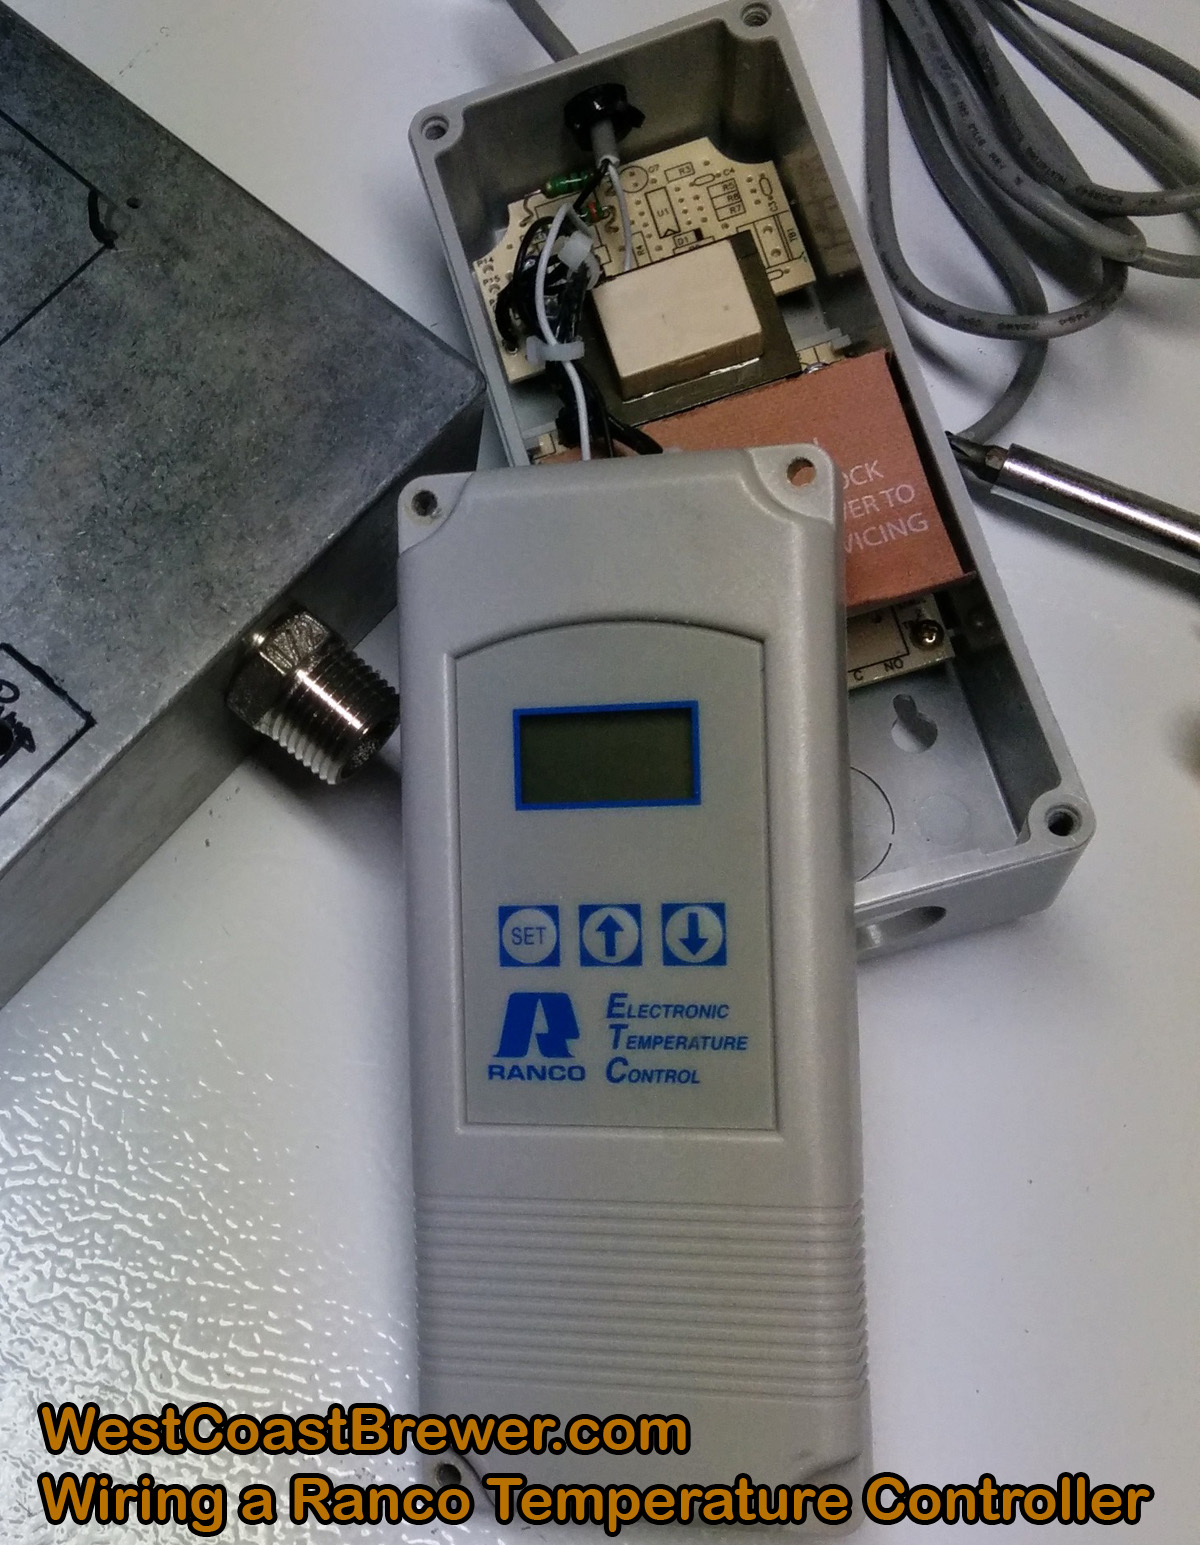 ranco temperature control instructions